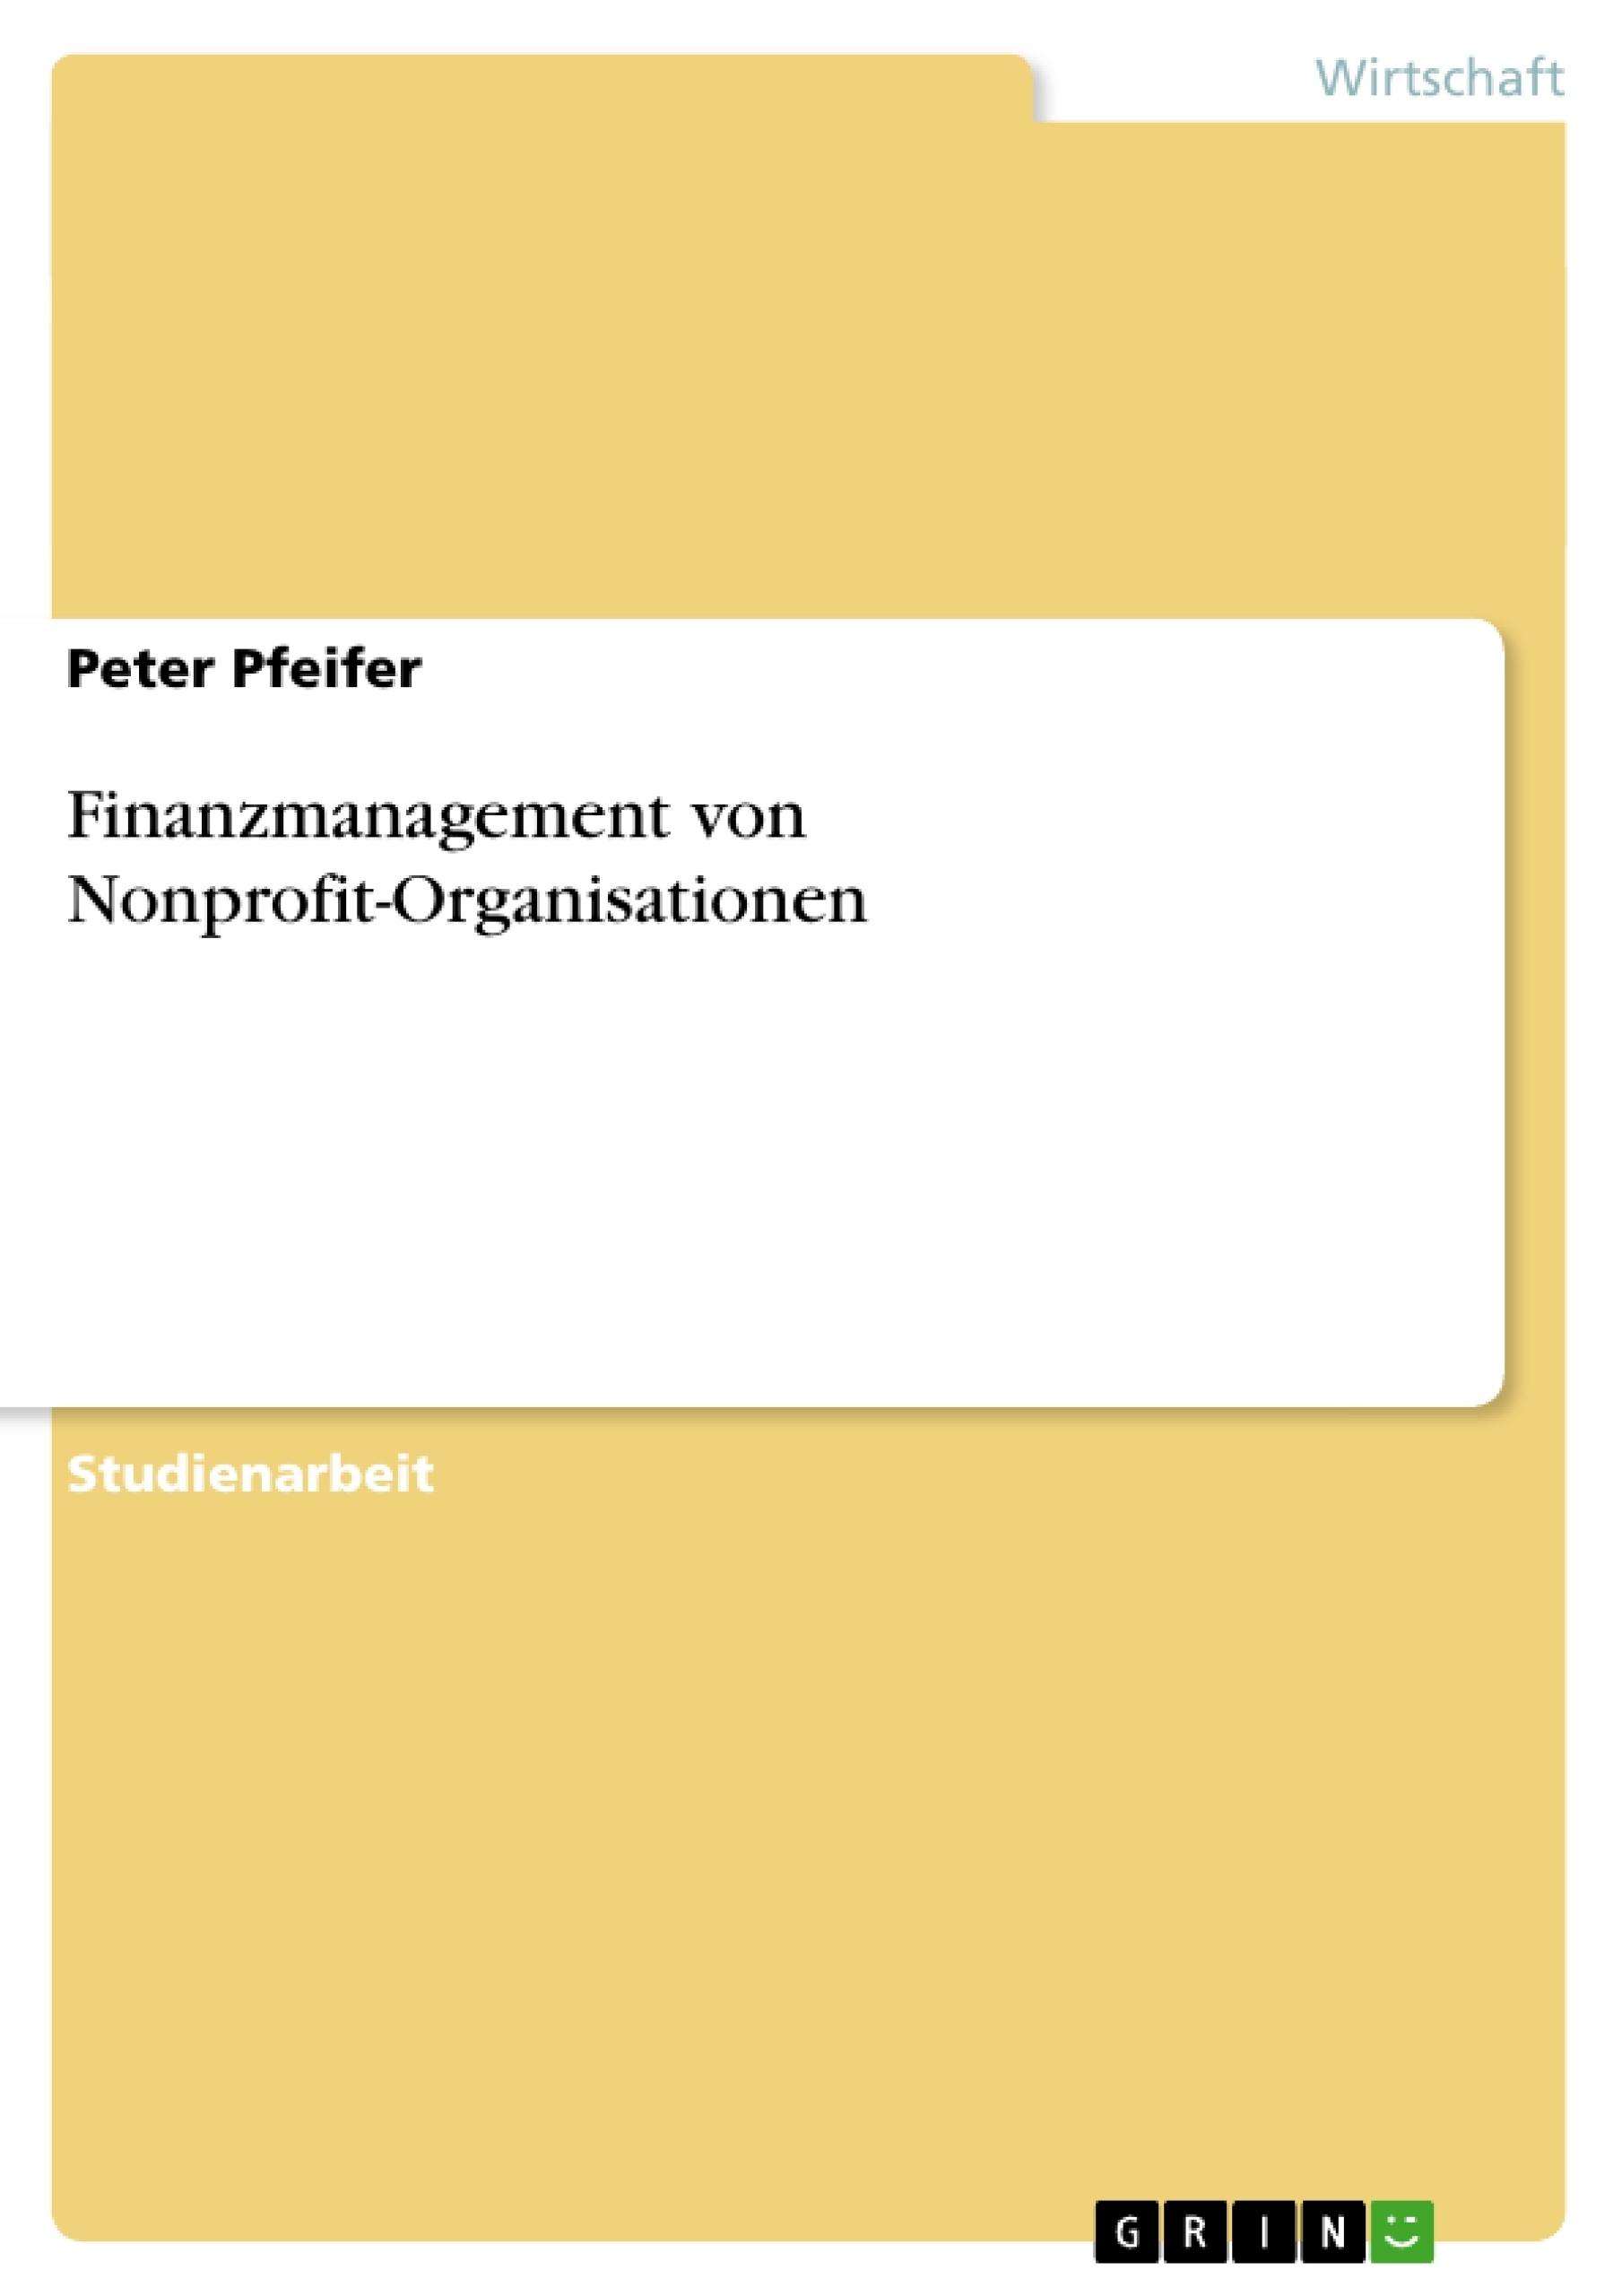 Titel: Finanzmanagement von Nonprofit-Organisationen